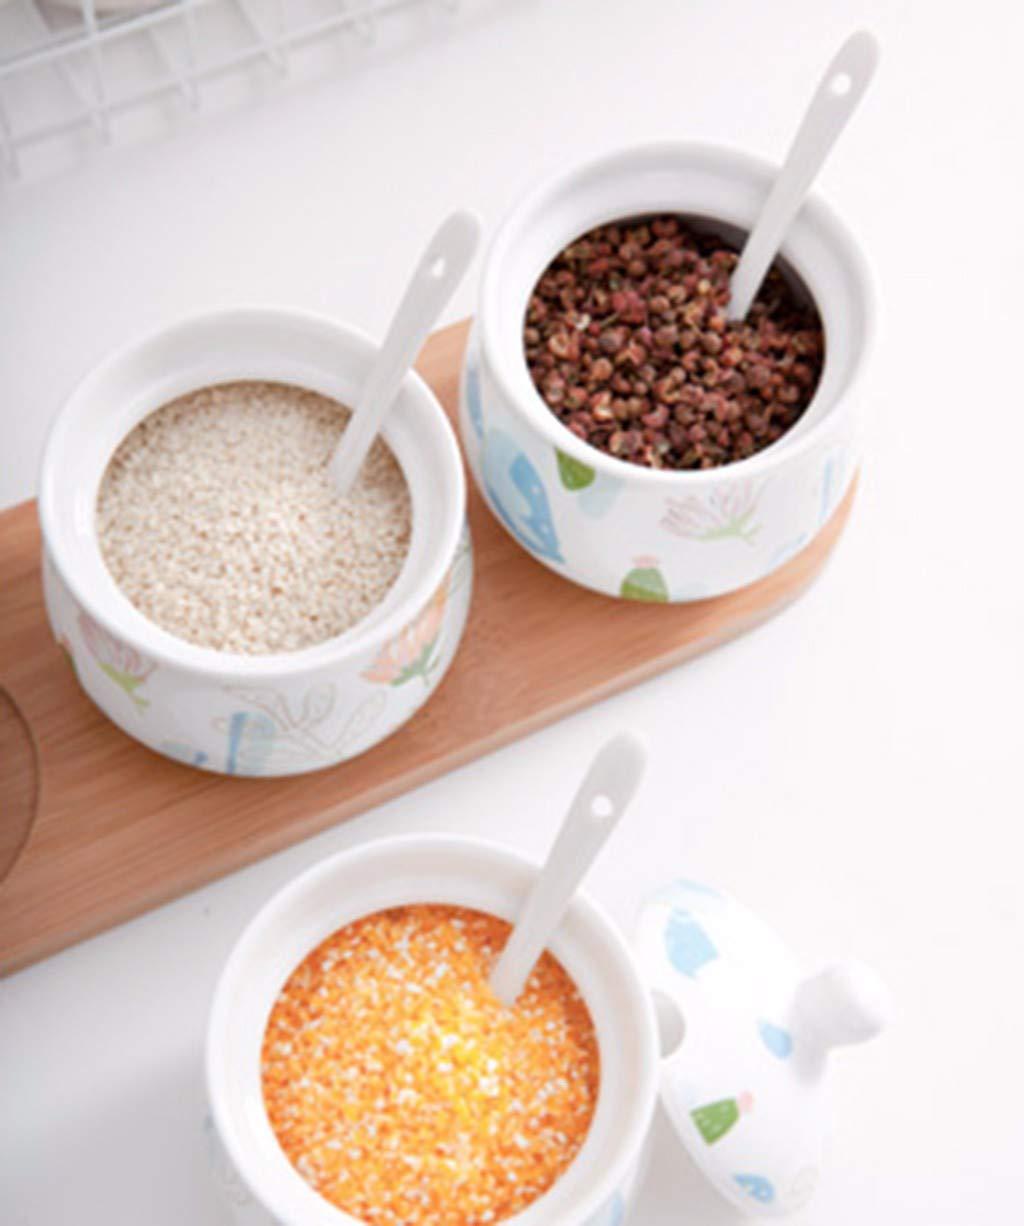 lktlg Tarro de Especias, Caja de Especias de cerámica Suministros de Cocina Caja de condimentos para el hogar Botella de condimento Tanque de Sal de Sal: ...